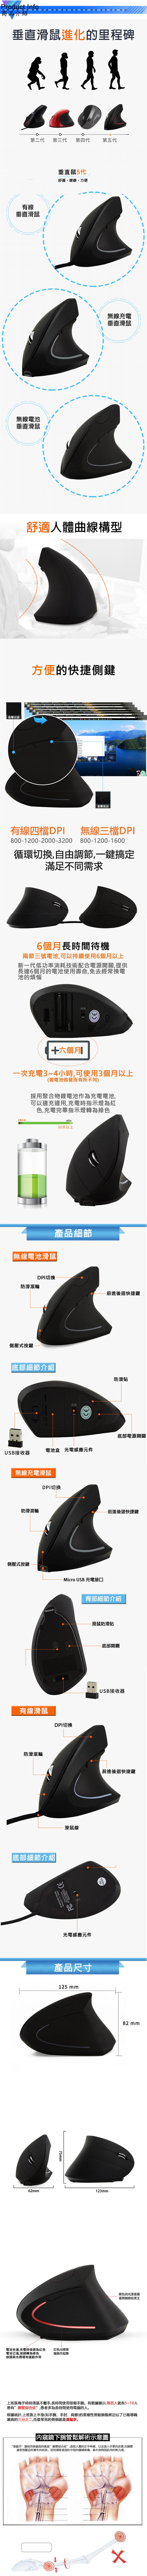 最新第五代直立式無線電池款滑鼠